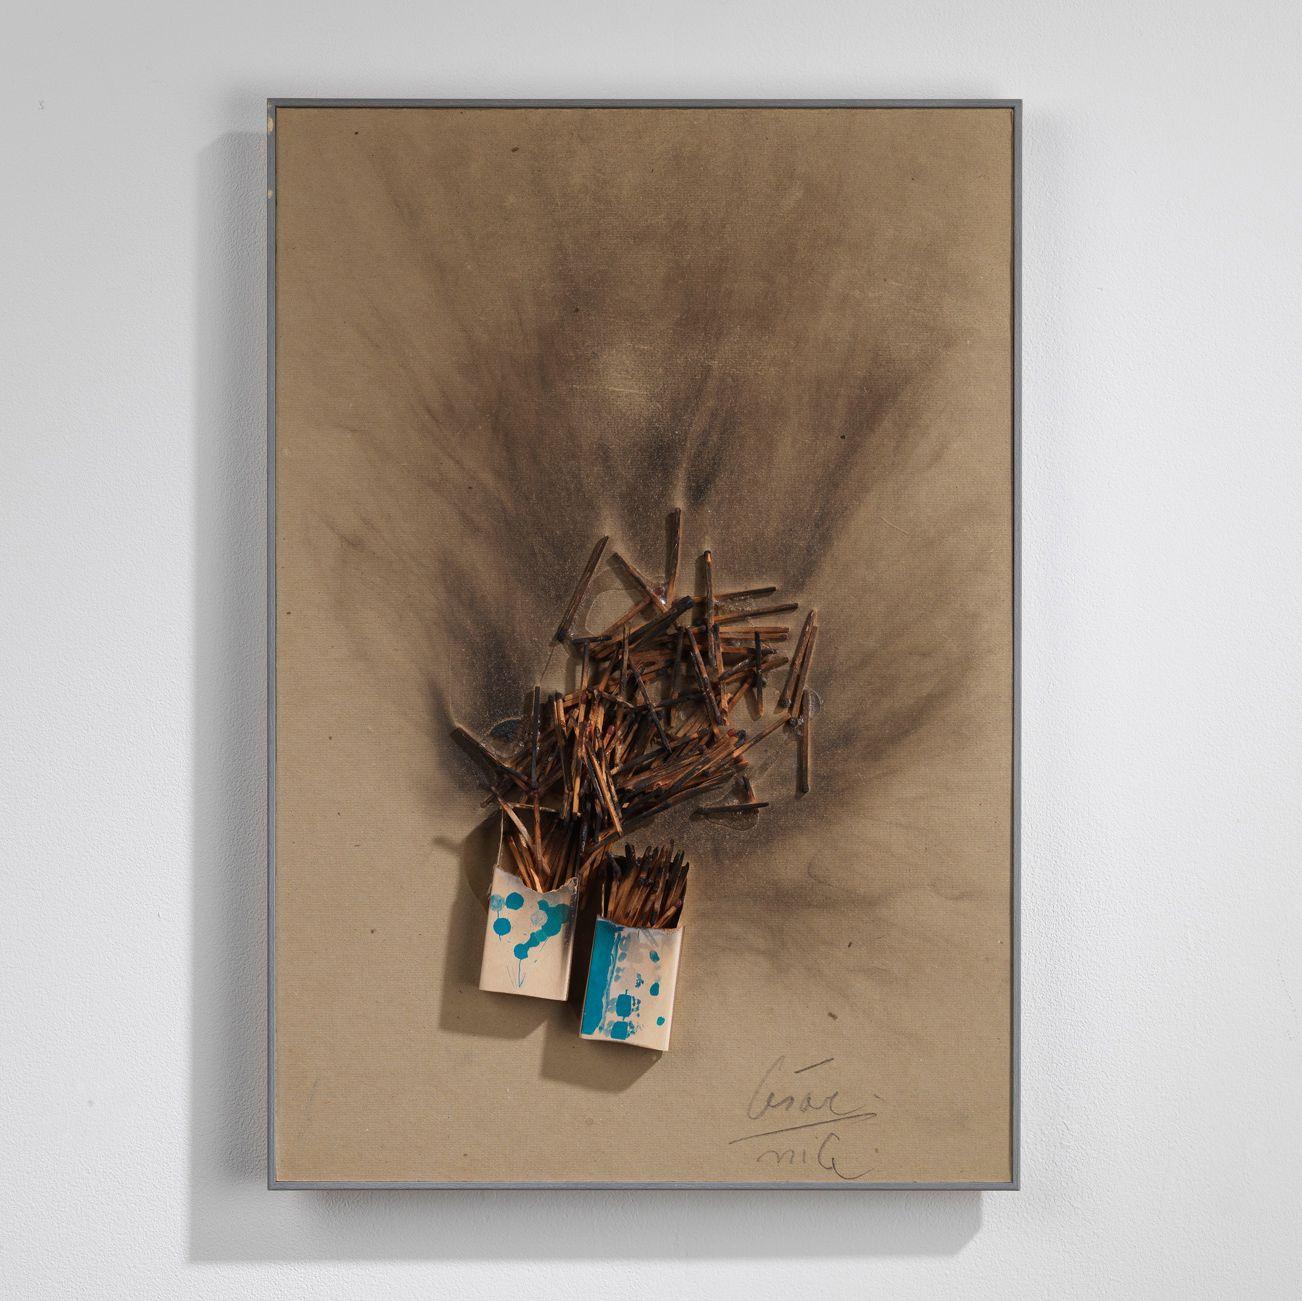 César | Combustion d'Allumettes, c. 1970